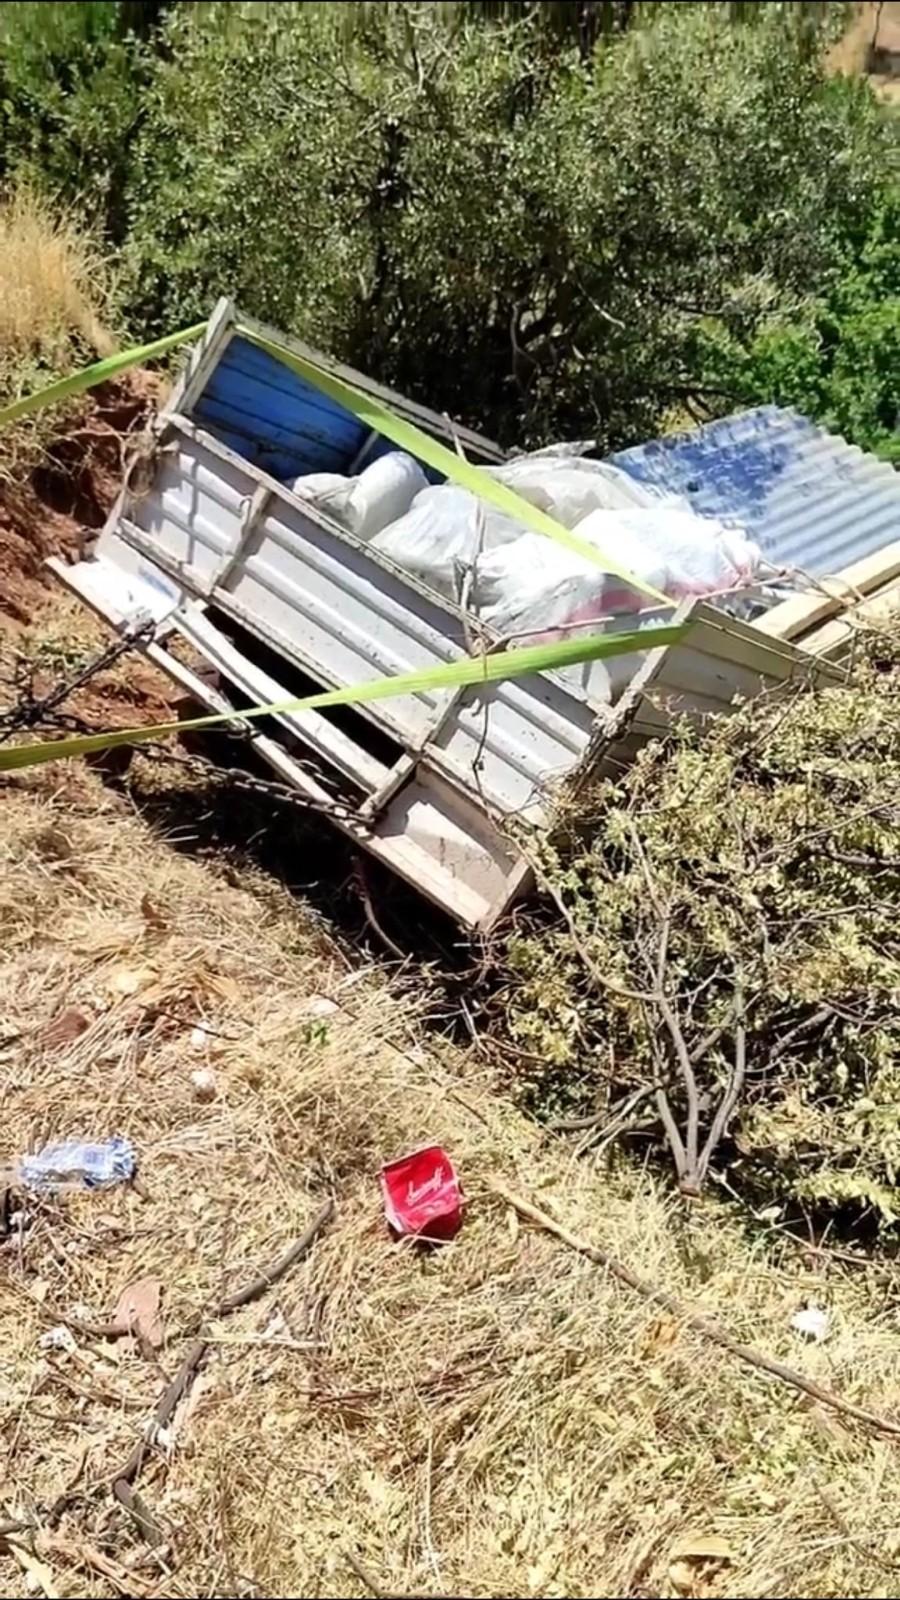 Siirt'te tarım aracı bahçeye uçtu, sürücü kazayı hafif atlattı